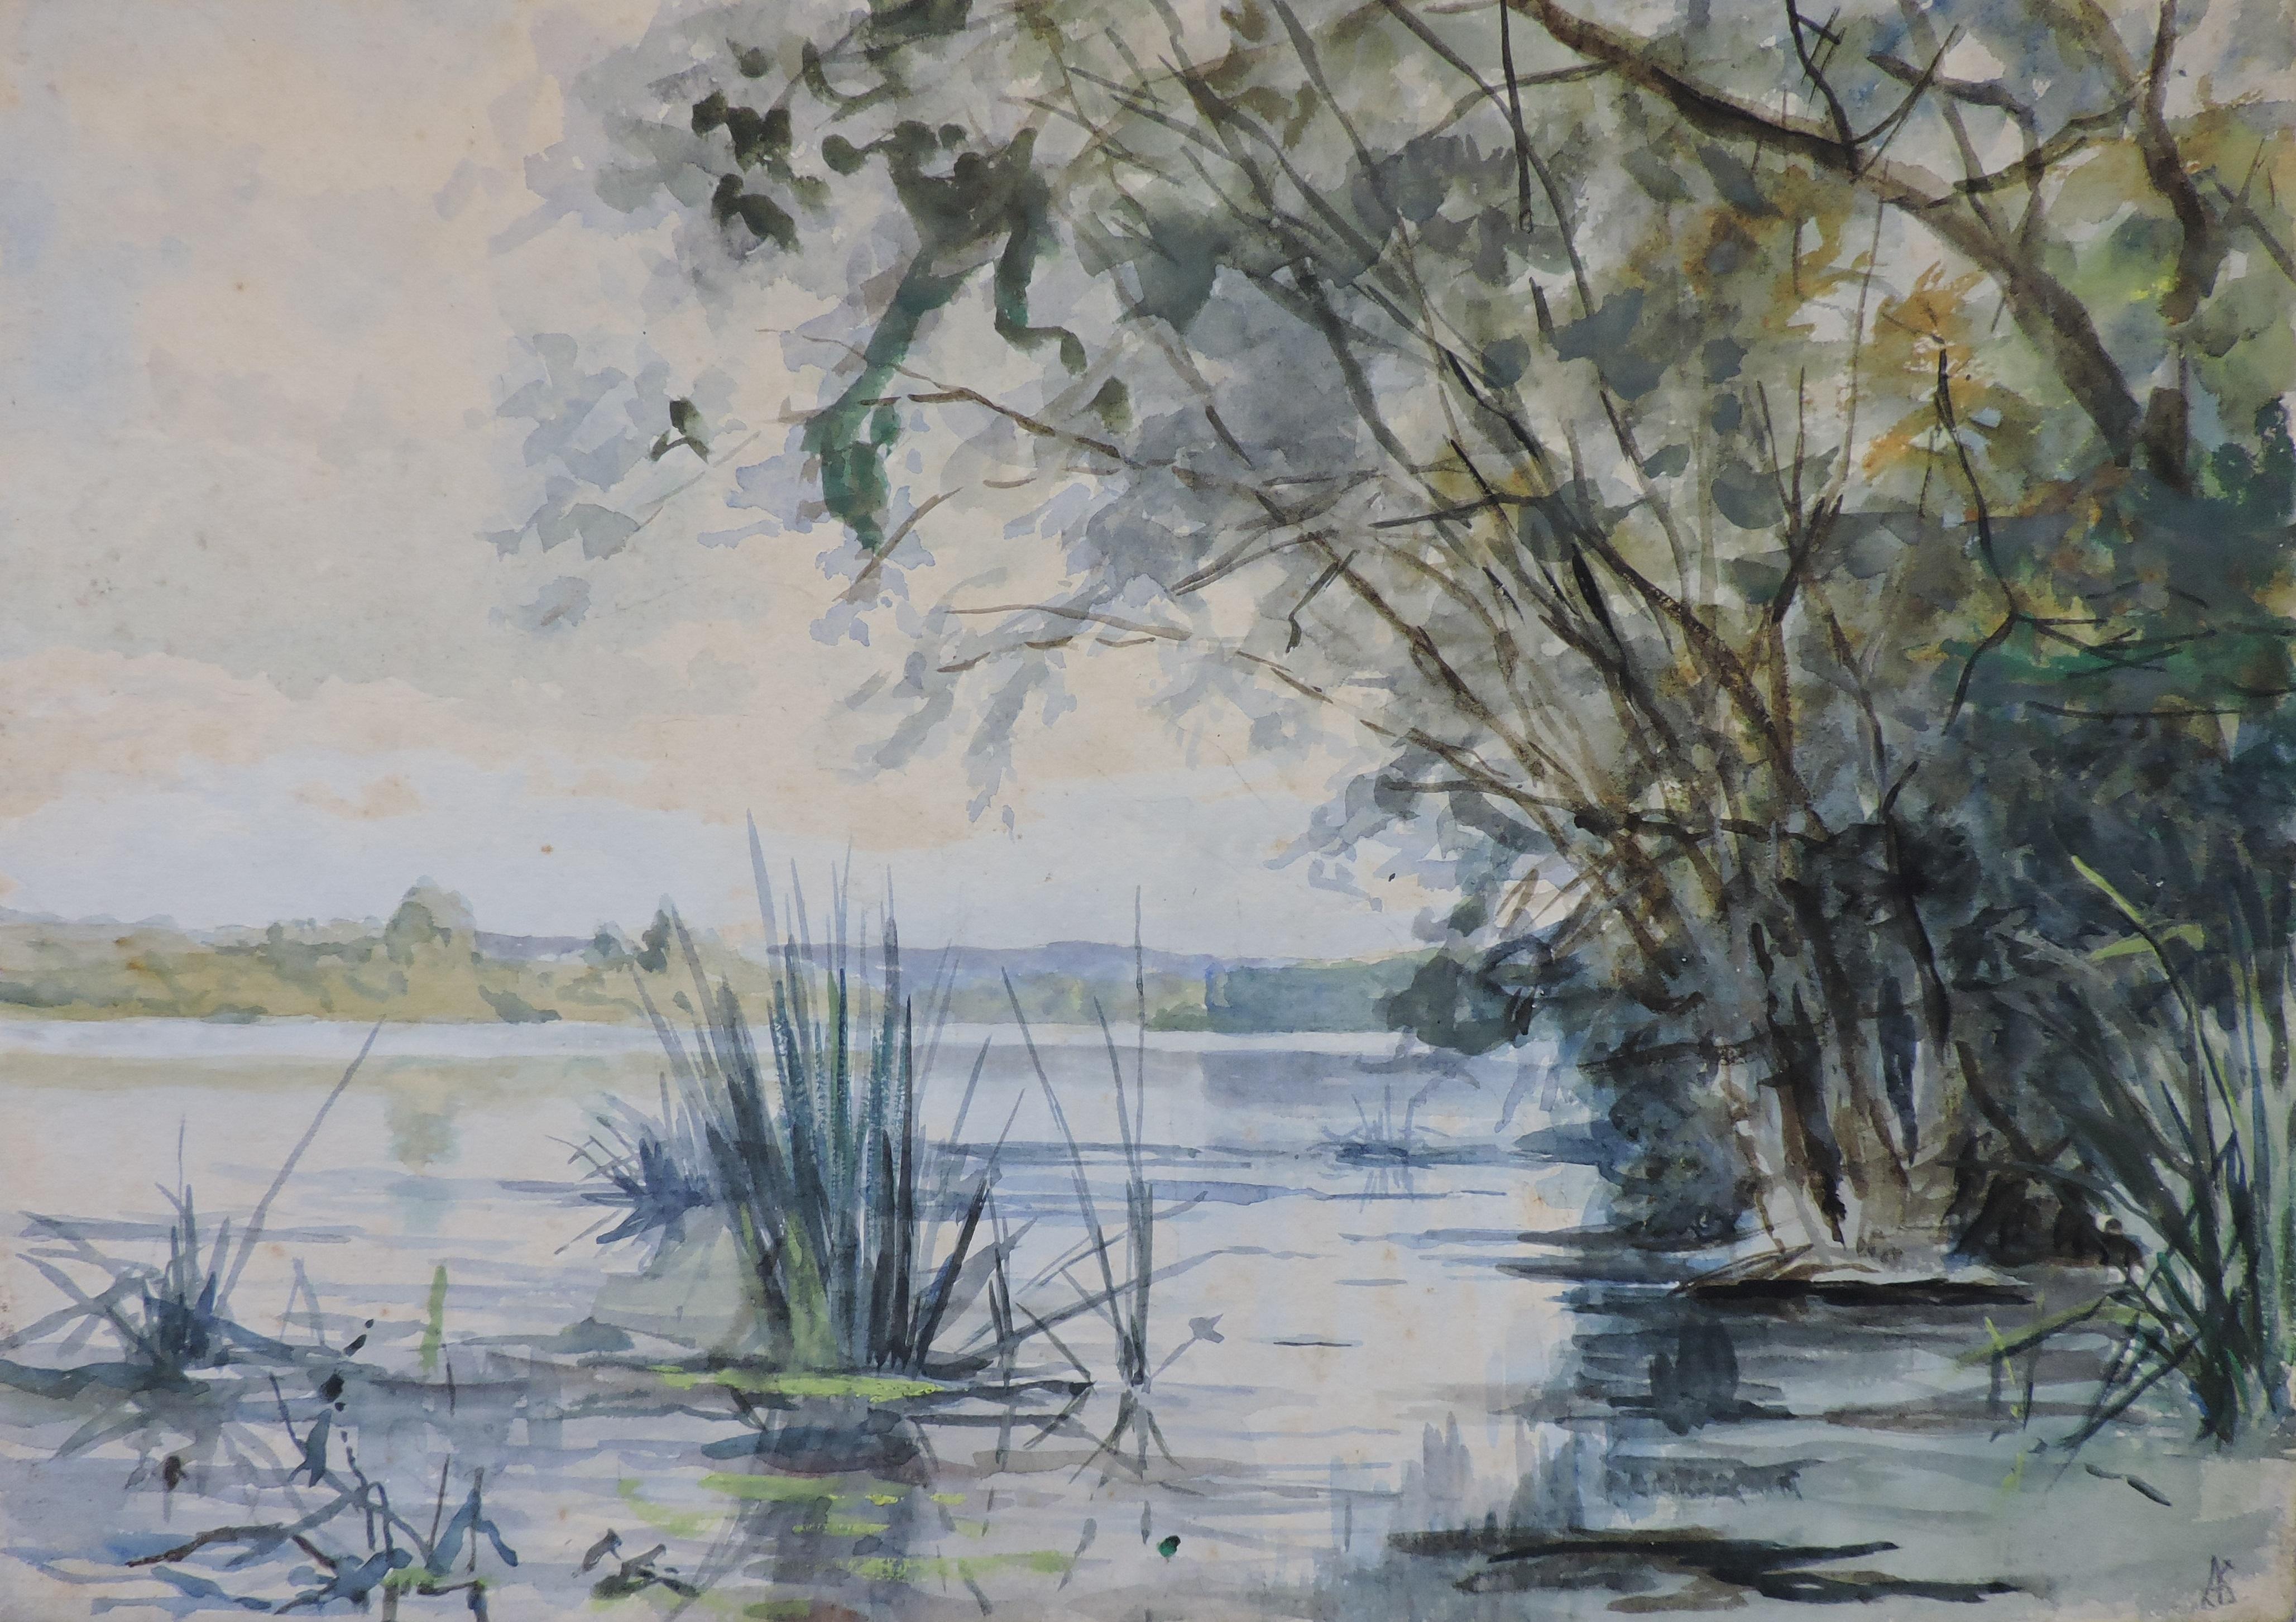 Follainville-Dennemont – Louis-Aston Knight